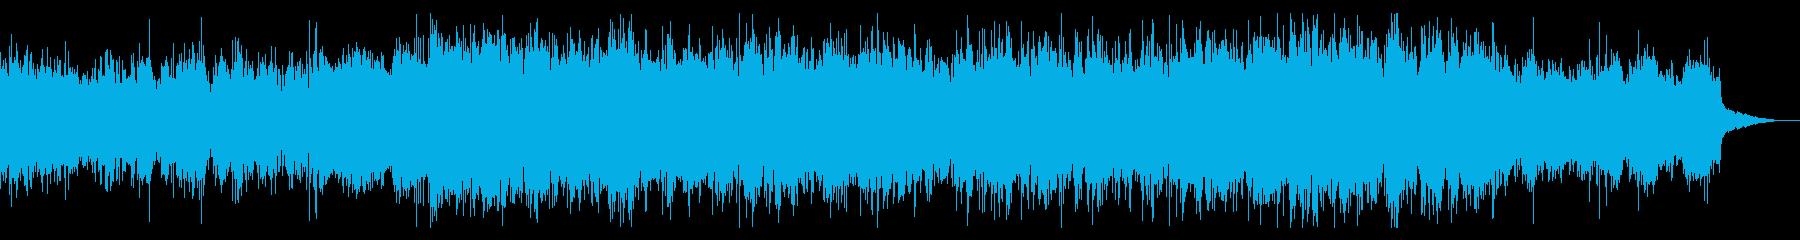 機械じかけのテクスチャーIDMの再生済みの波形